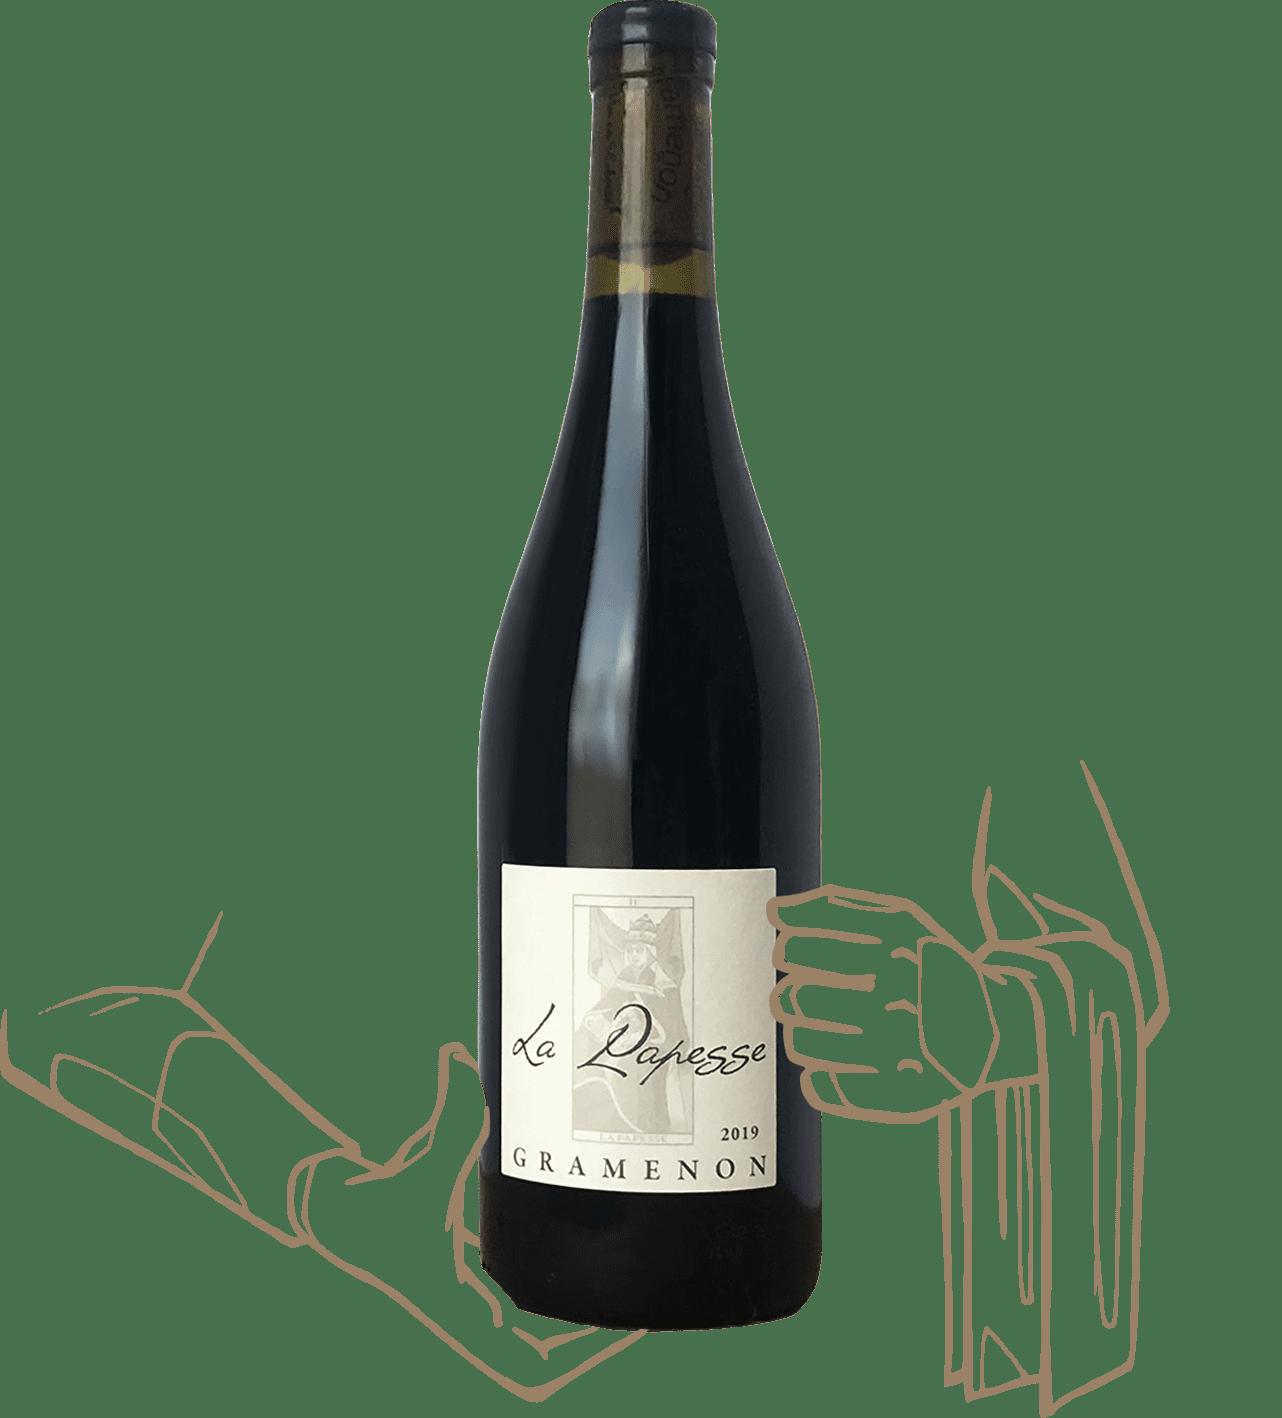 La papesse du domaine de gramenon est un vin naturel